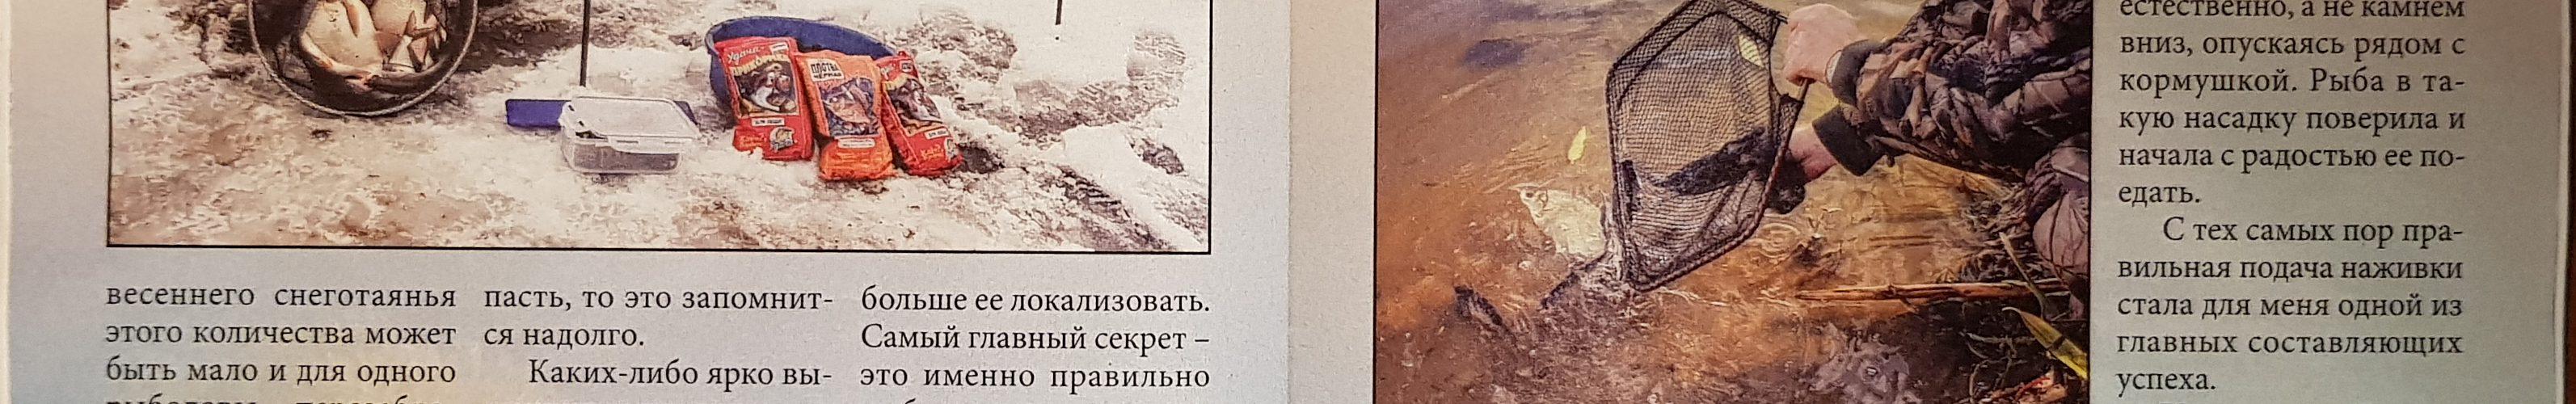 Акимов Алексей Игоревич, спортивный рыболов